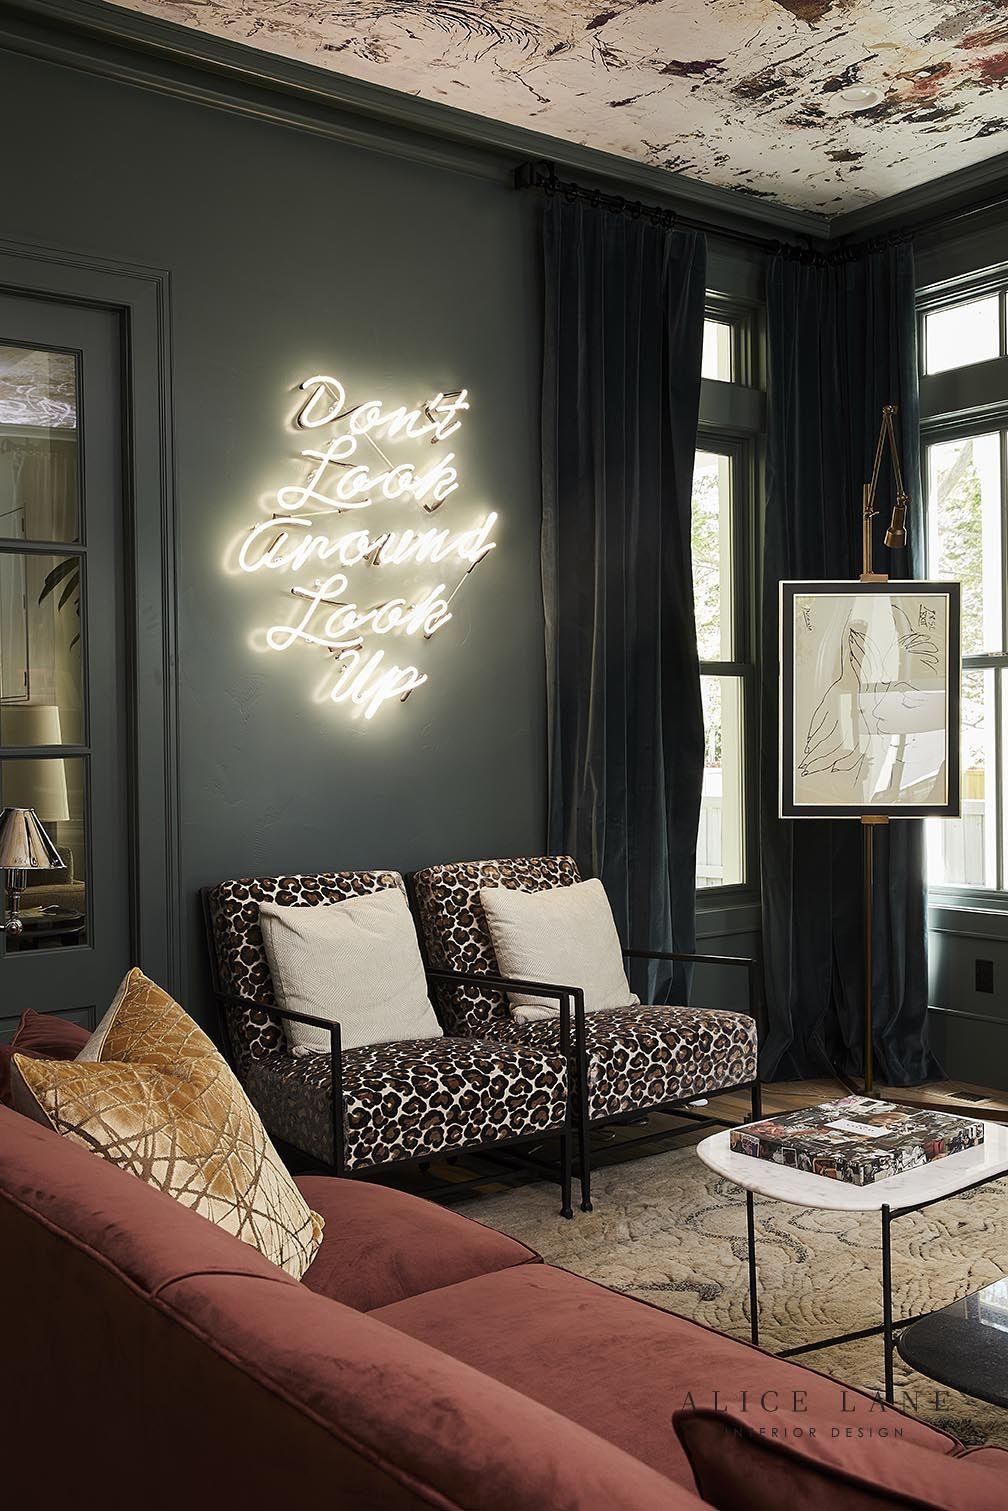 Tiger Oak Alice Lane Interior Design Photo By Nicole